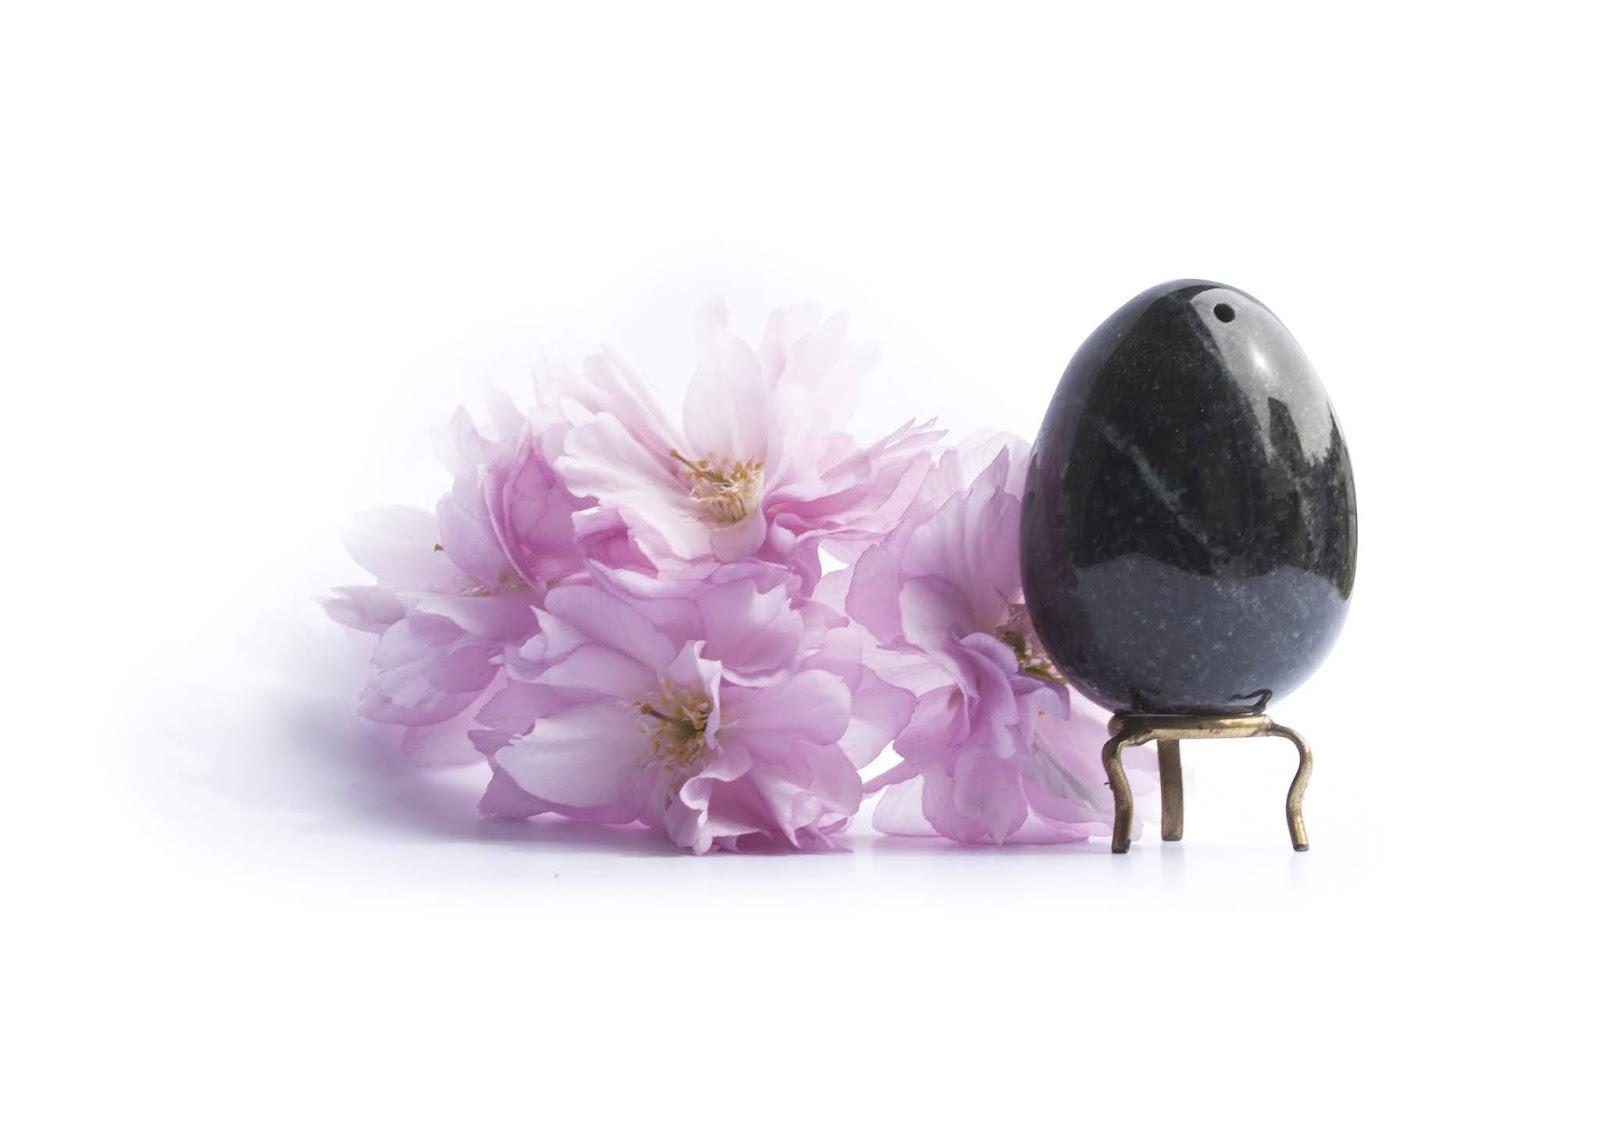 oeuf de yoni en jade noire